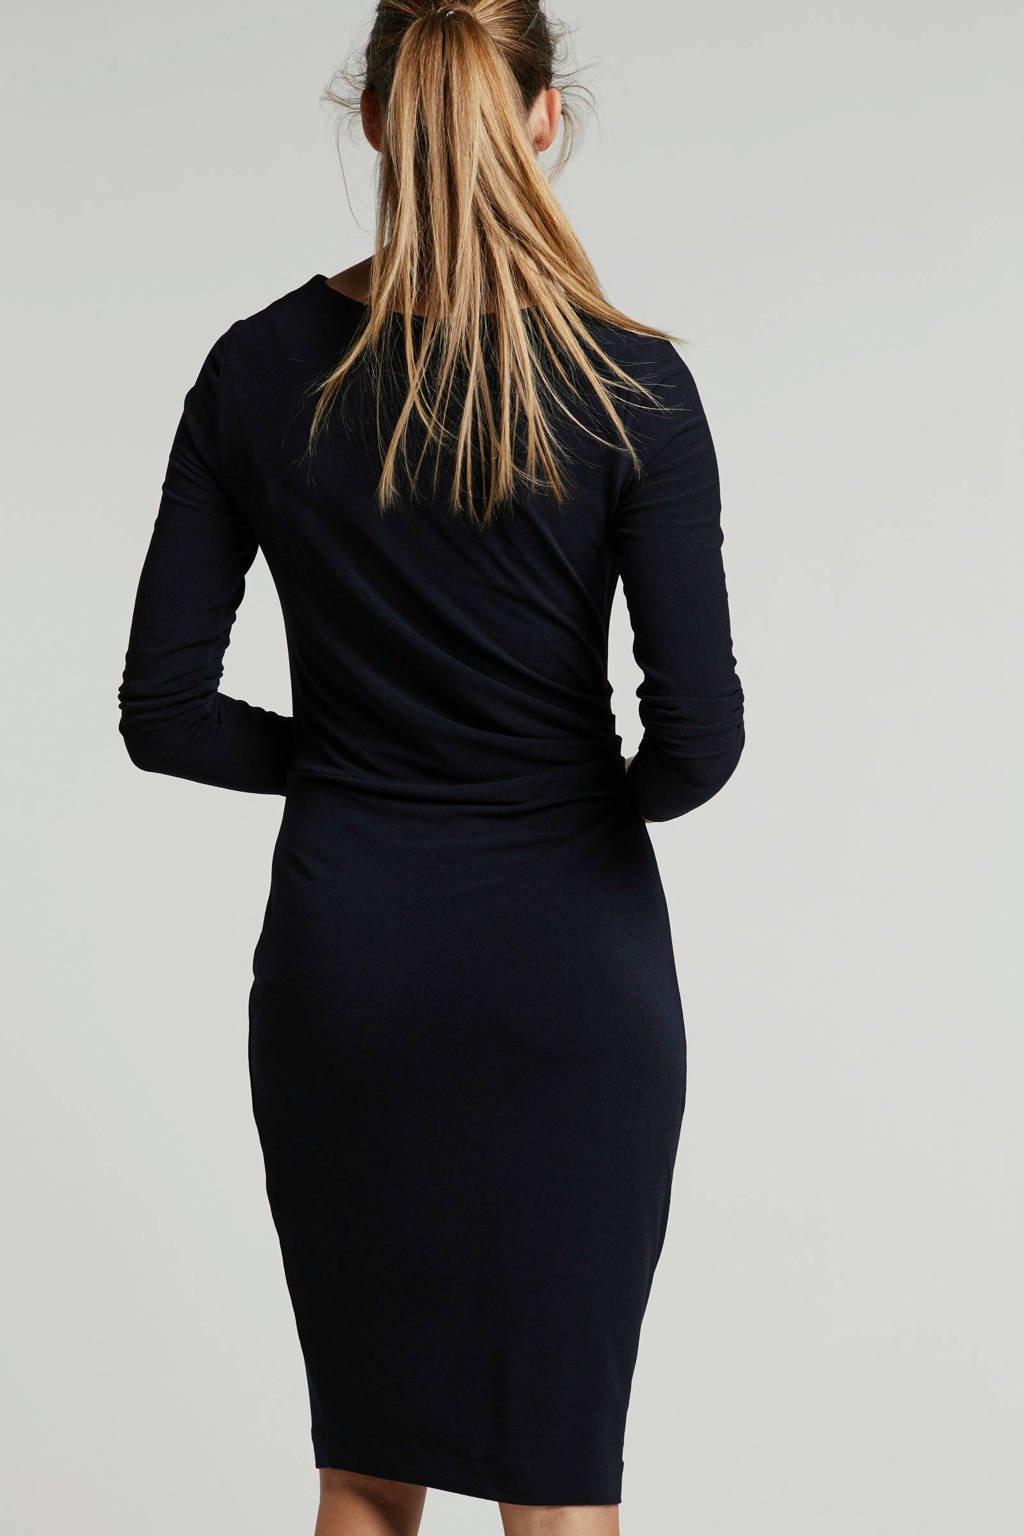 Inwear jurk met geplooide details donkerblauw, Donkerblauw